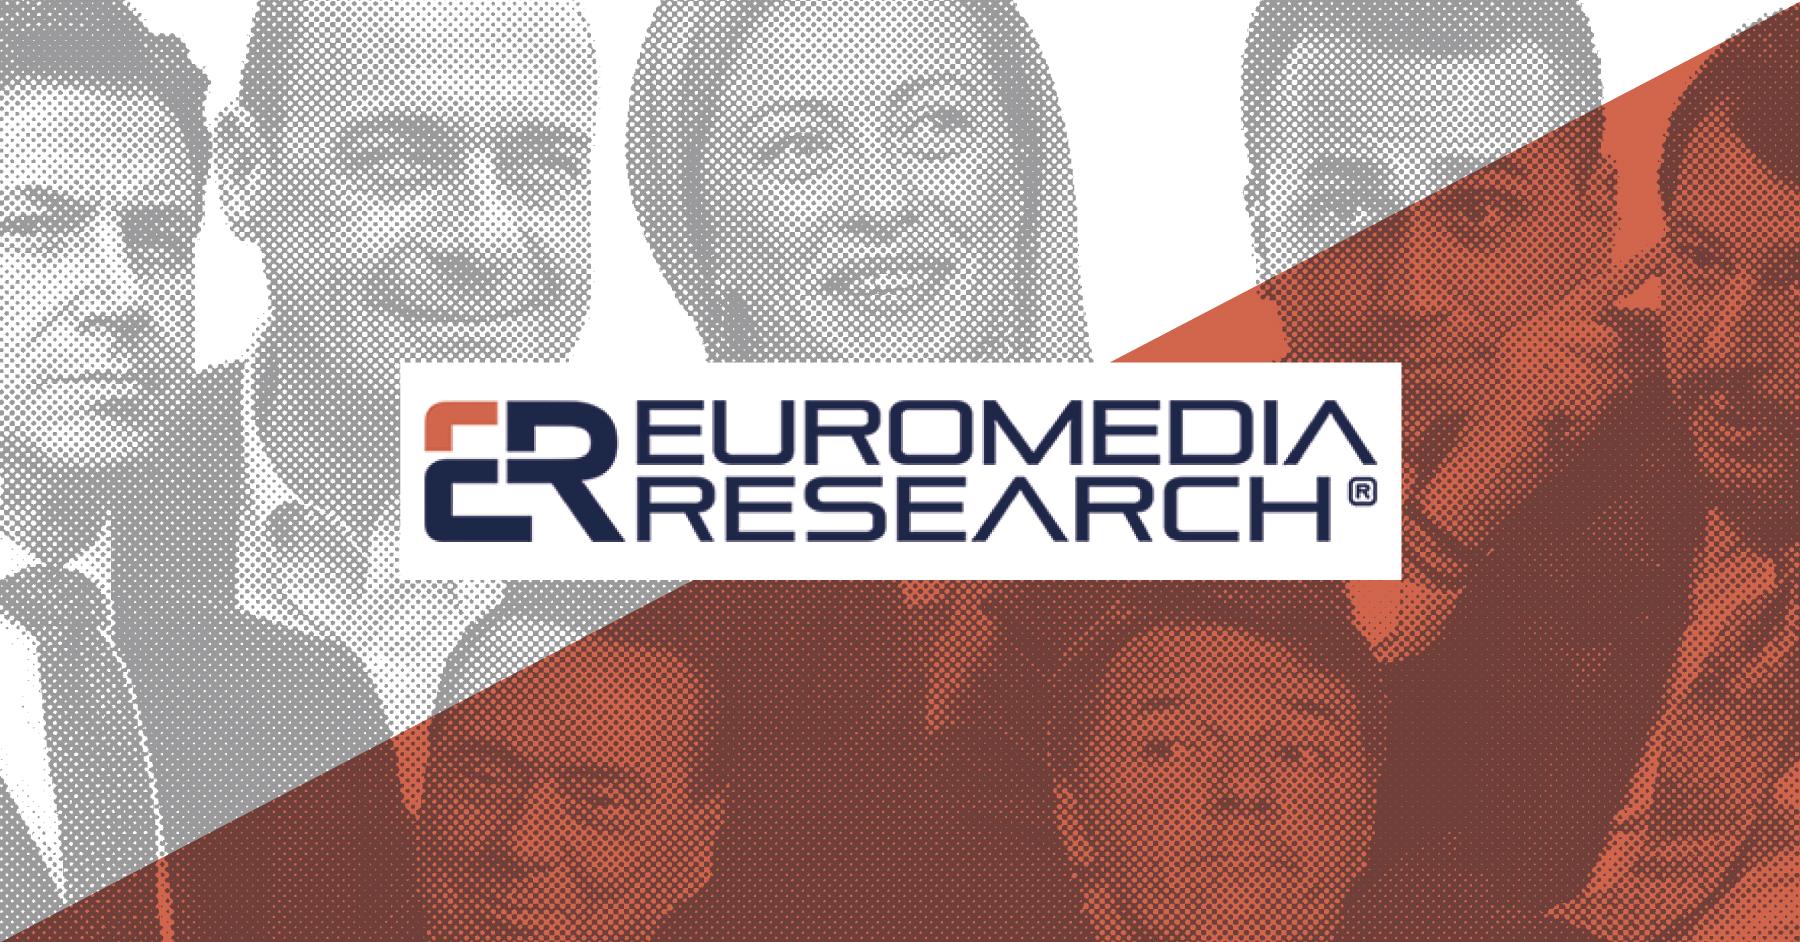 sondaggio, sondaggi euromedia, sondaggi elettorali euromedia